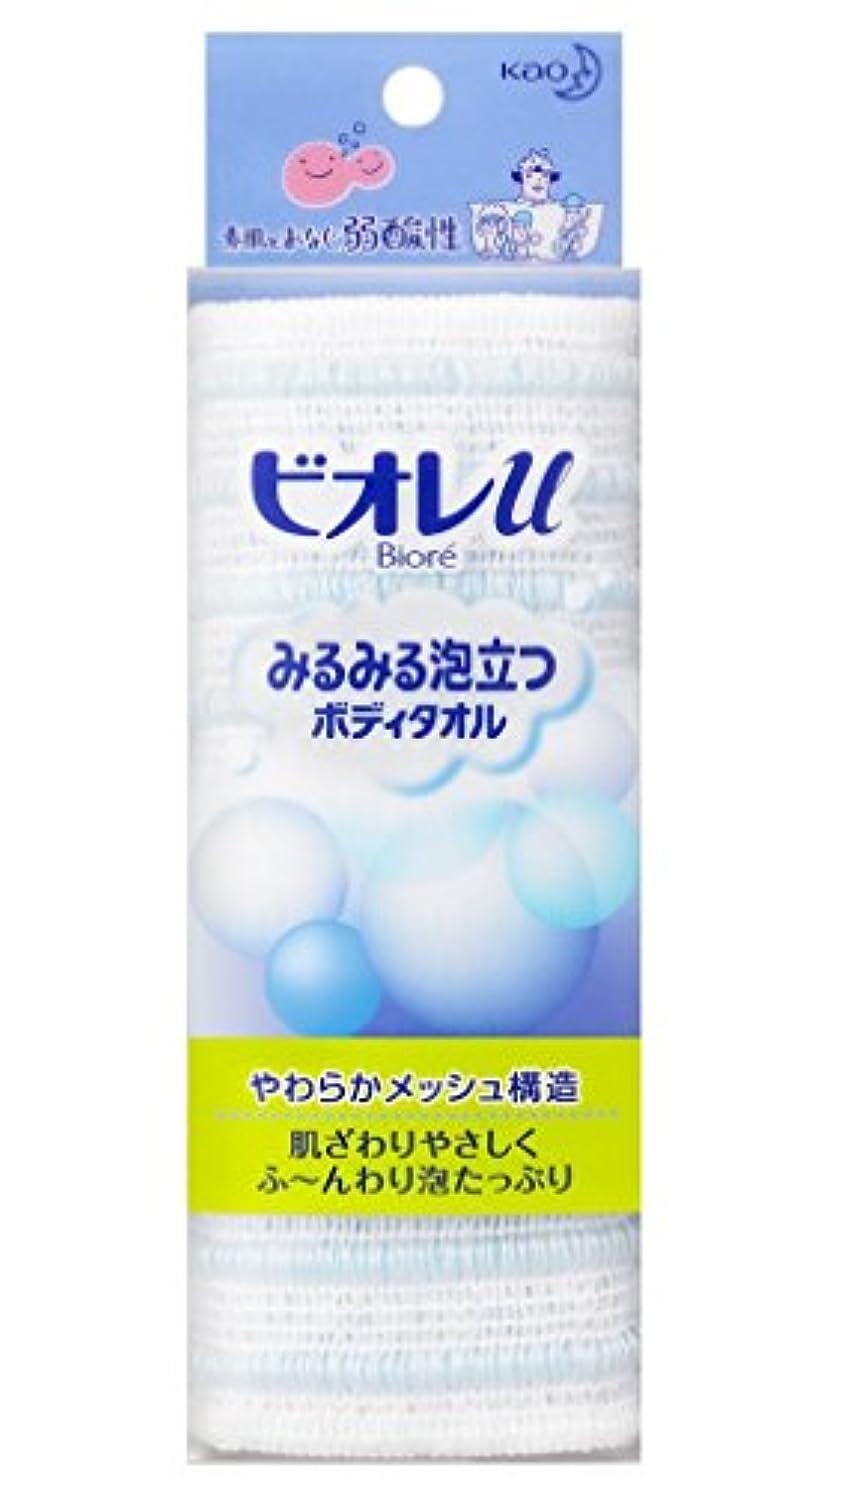 【花王】ビオレu みるみる泡立つボディタオル ブルー 1枚 ×5個セット